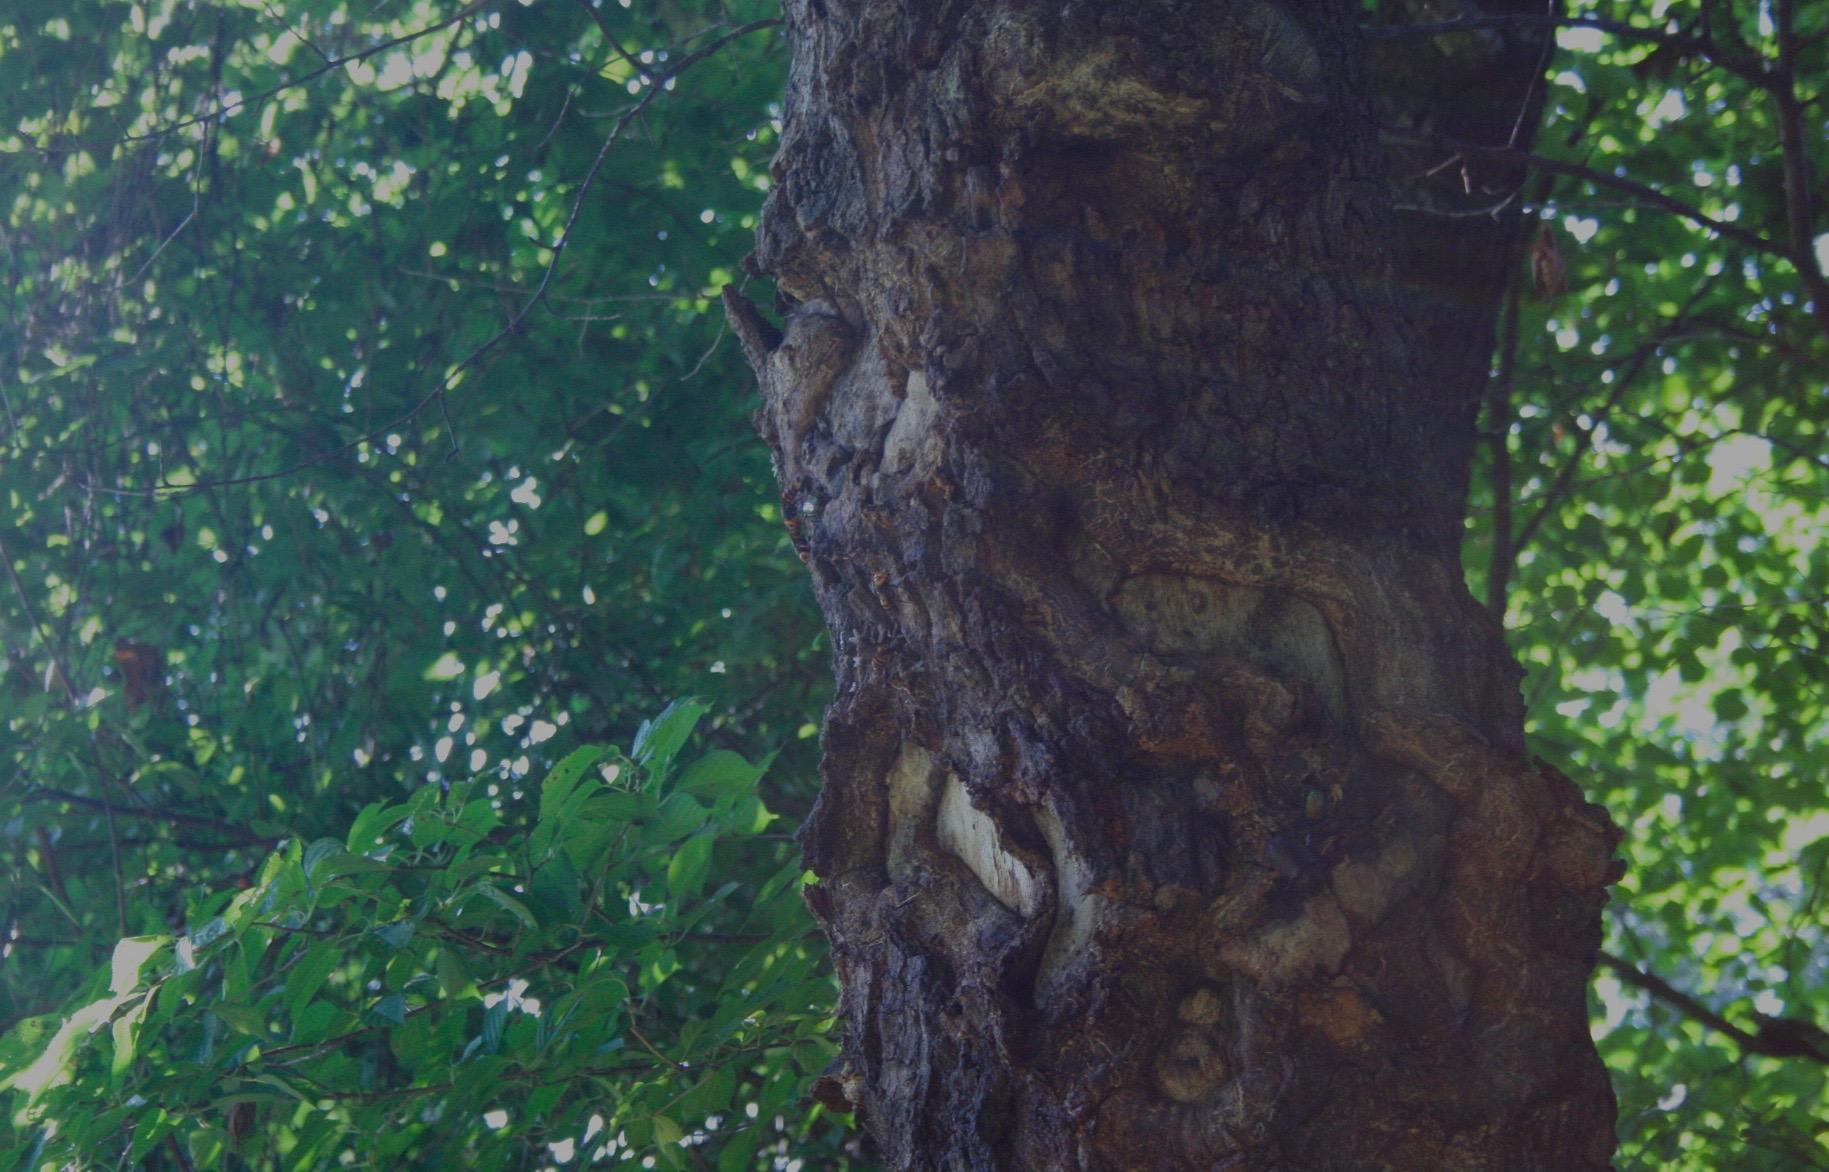 森にて スズメバチを隠しどり